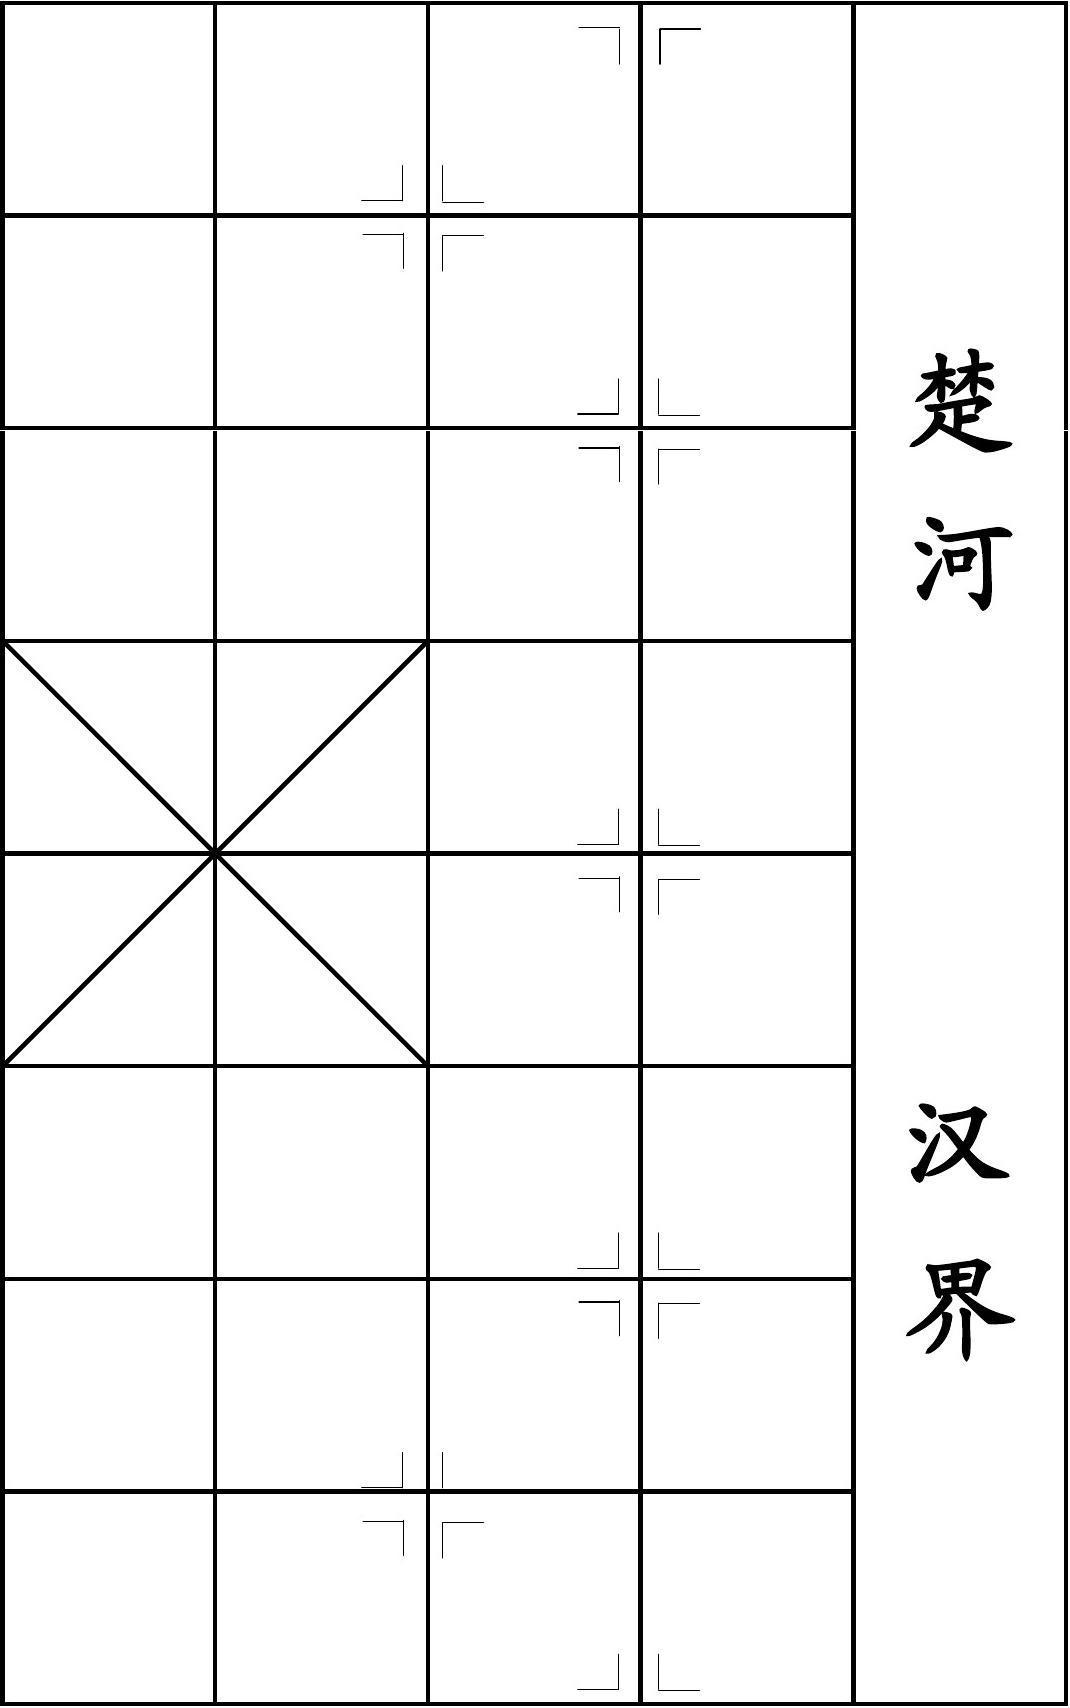 象棋棋盘图 Word文档在线阅读与下载 文档网